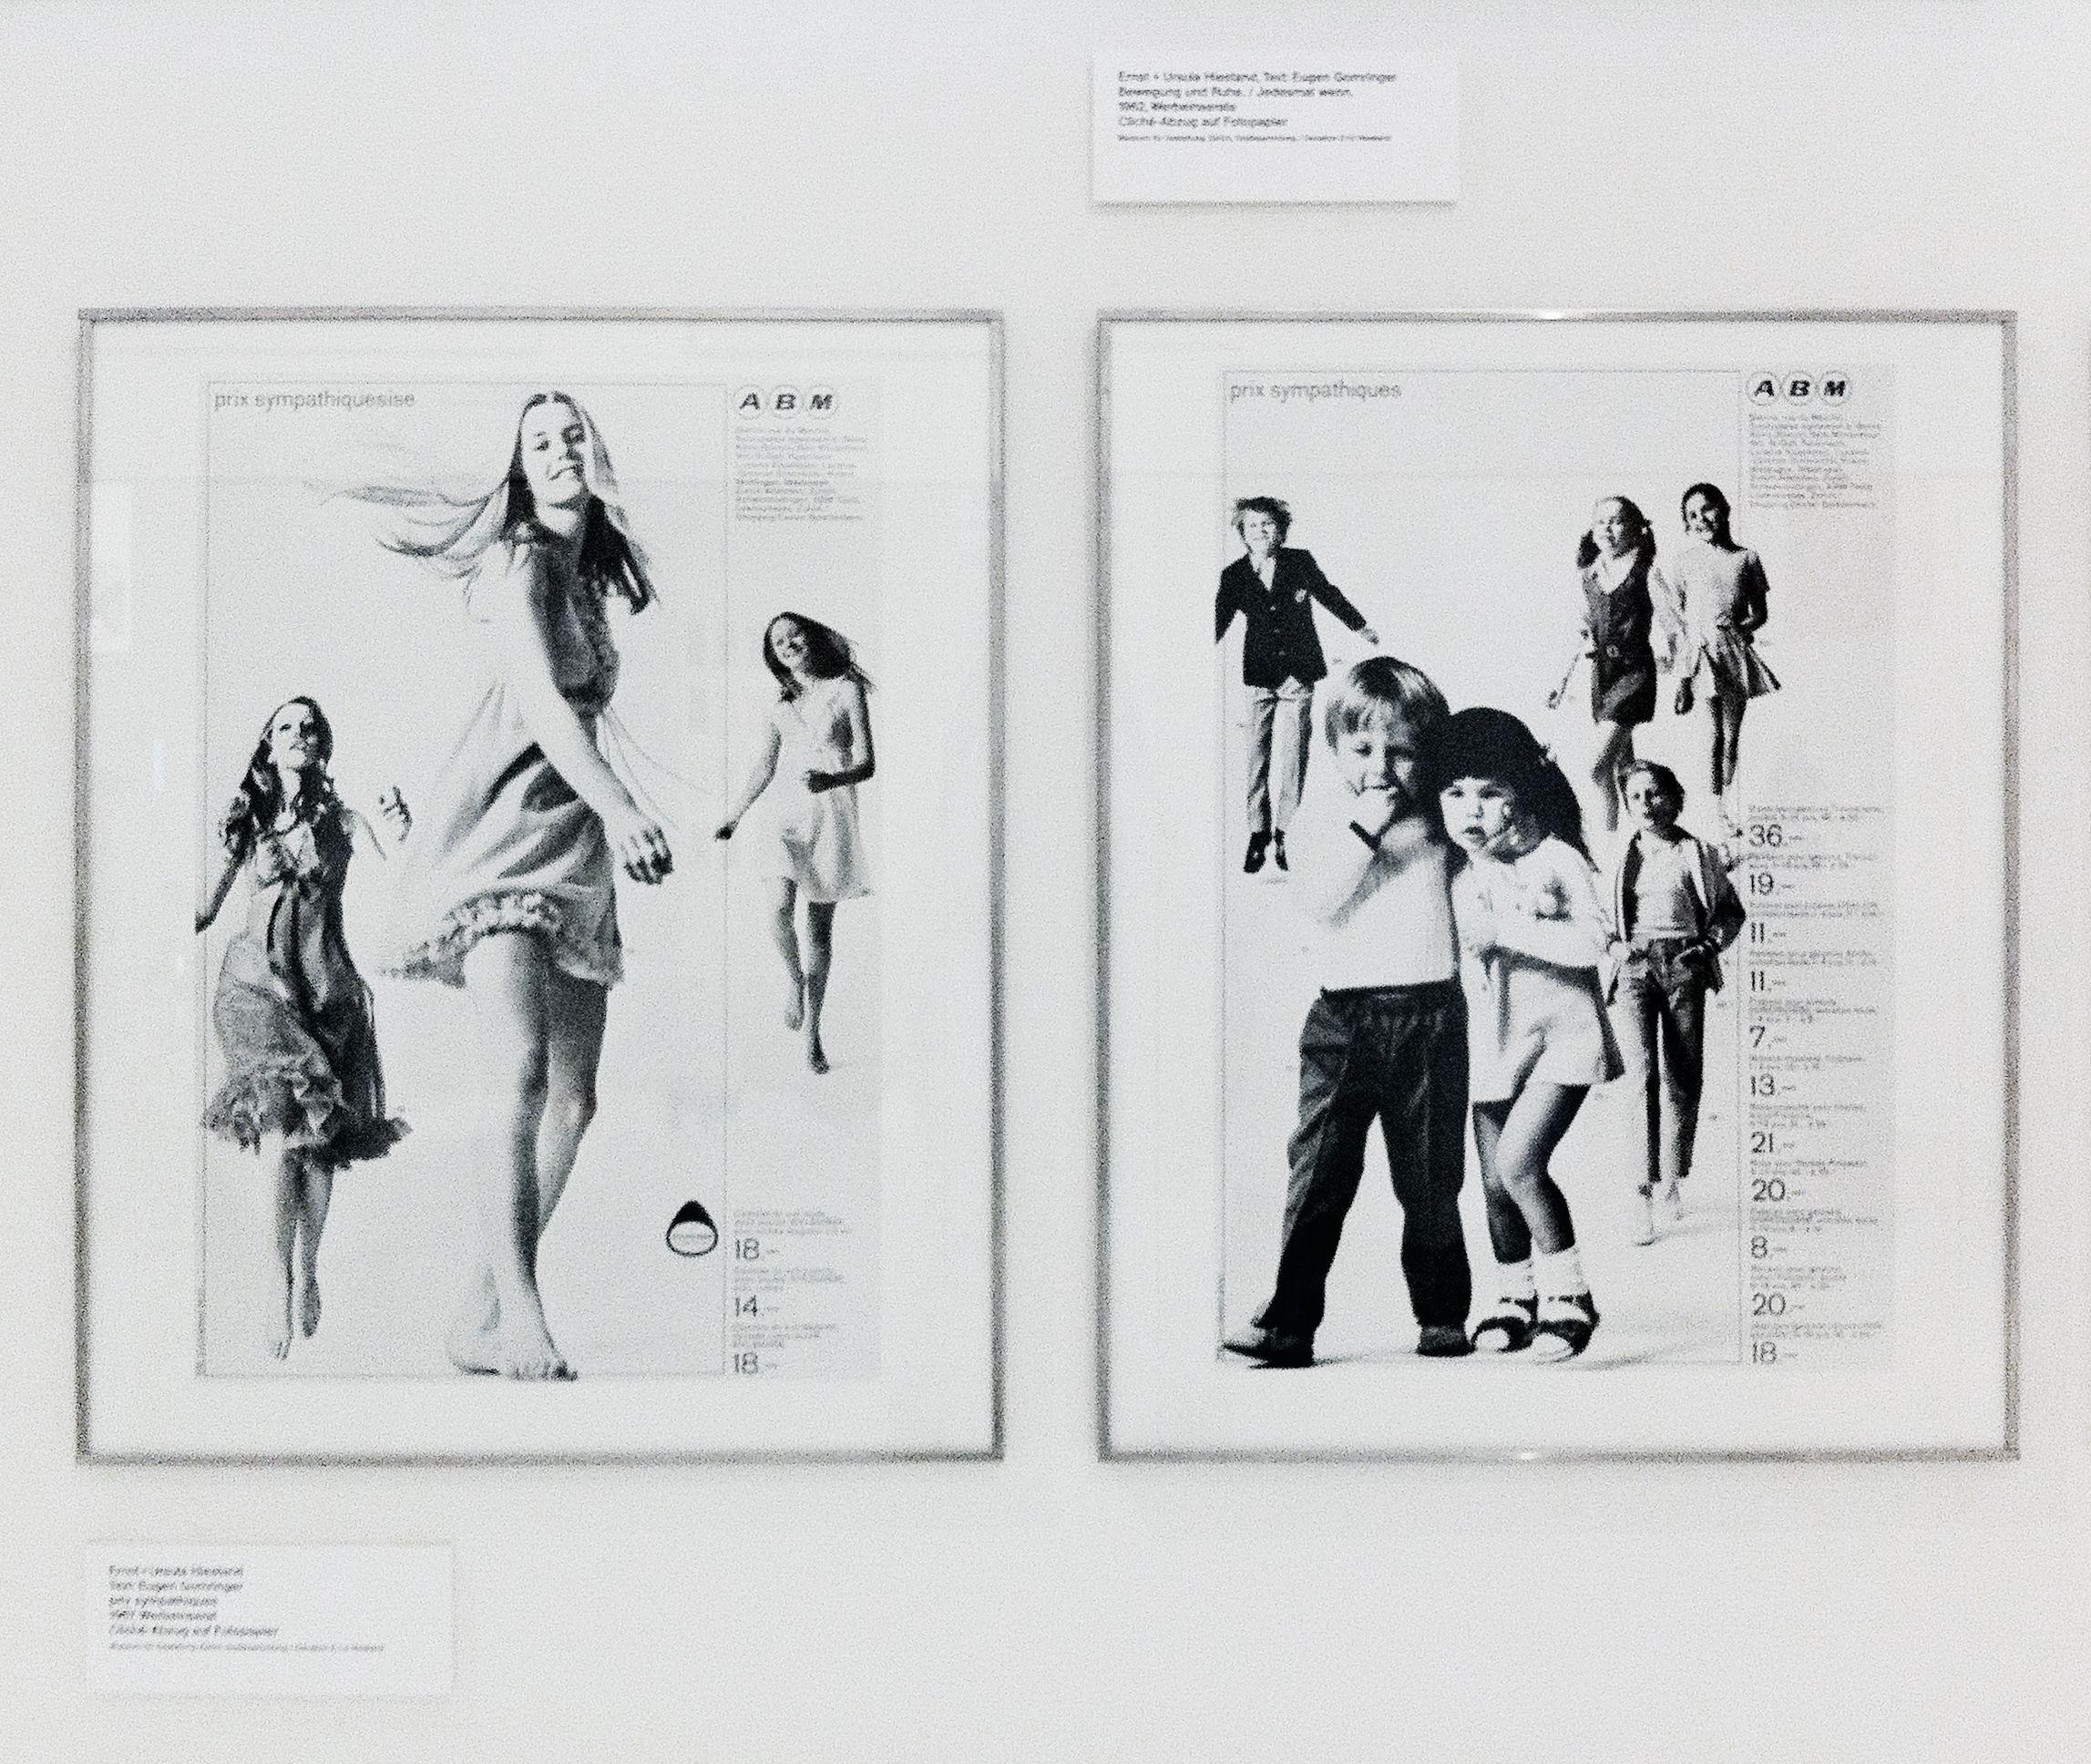 100 Jahre Schweizer Grafik, Museum für Gestaltung Zürich